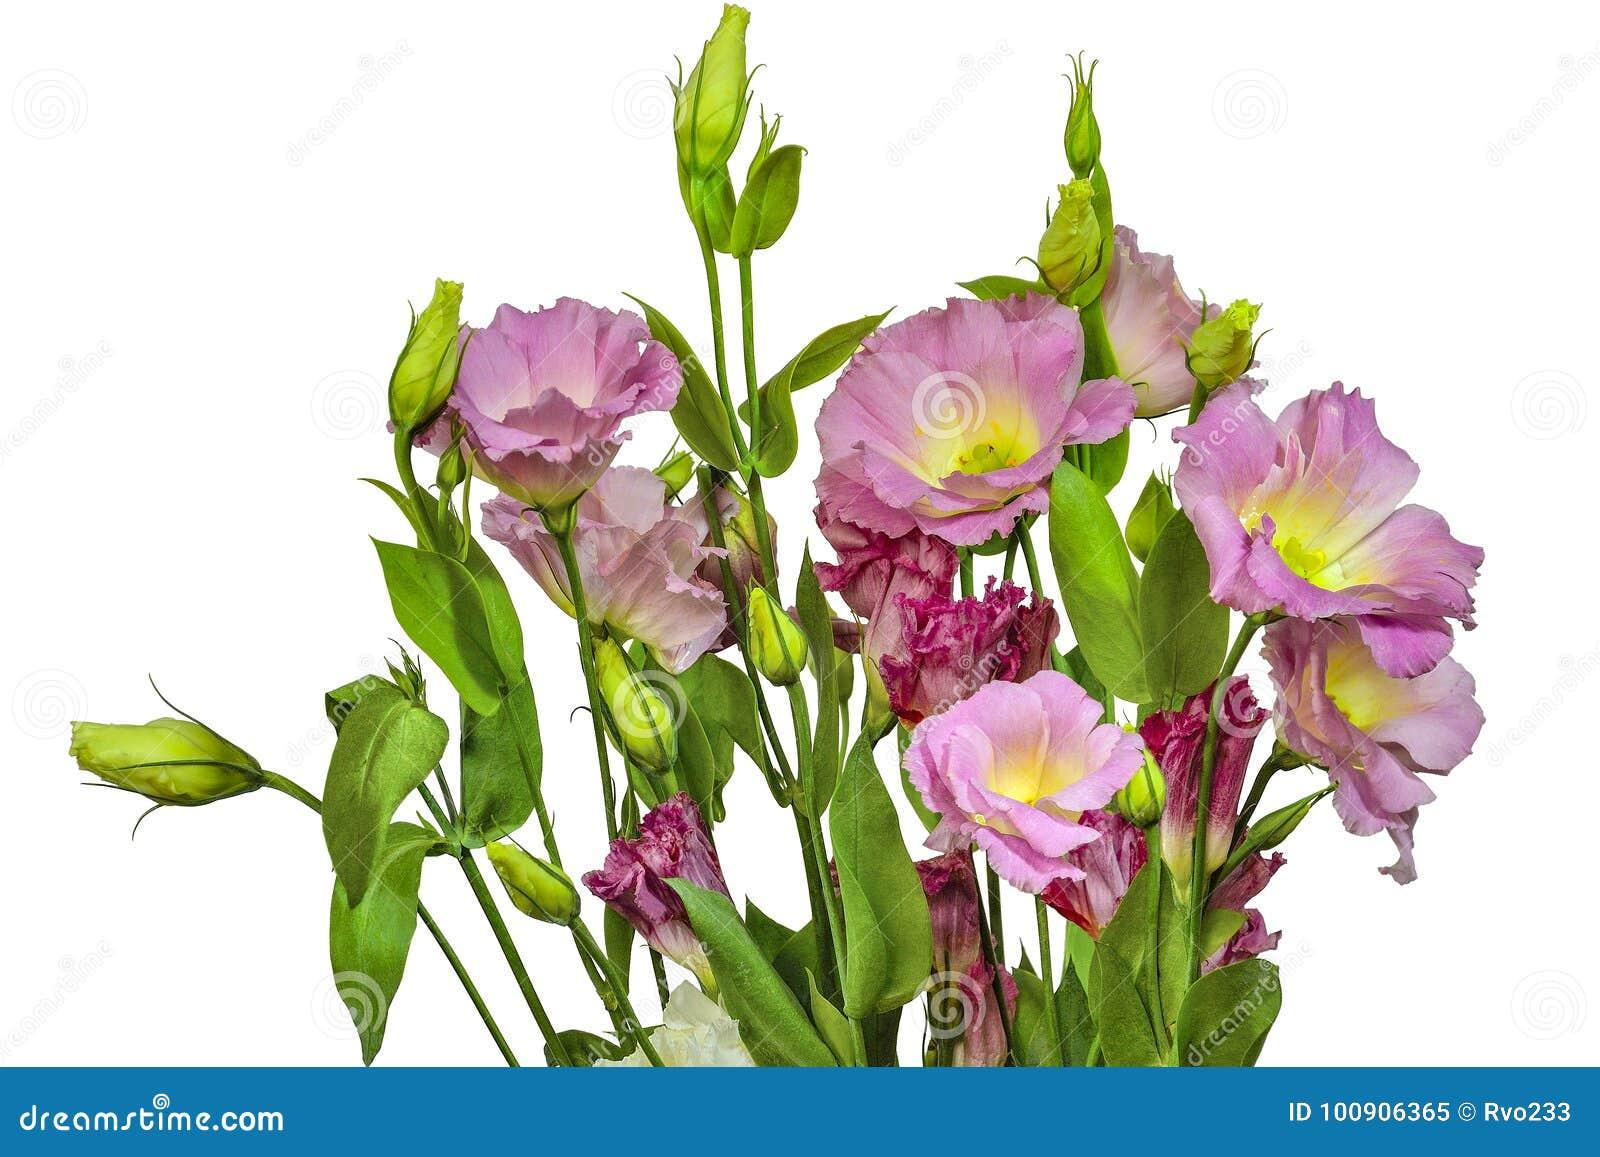 Blumenstrauß des zarten Rosas mit gelbem Eustoma Lisianthus blüht